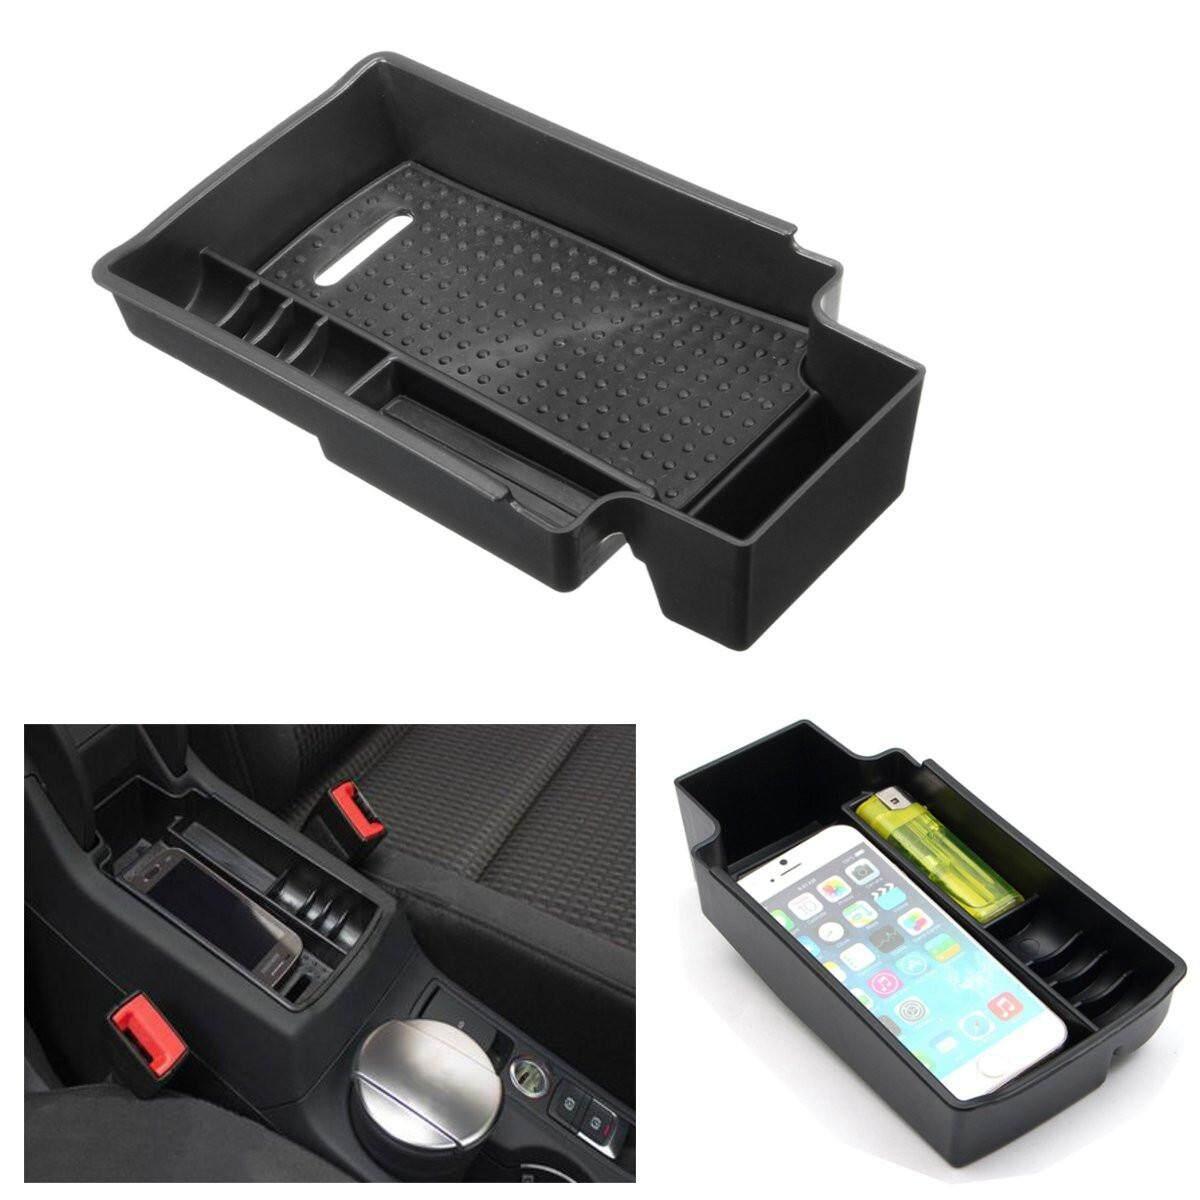 Wadah Kotak Pada Tangan Kursi Mobil Tempat Penyimpanan Utama Tray Kotak Palet Wadah untuk Audi Q3 12-16 Hitam-Intl